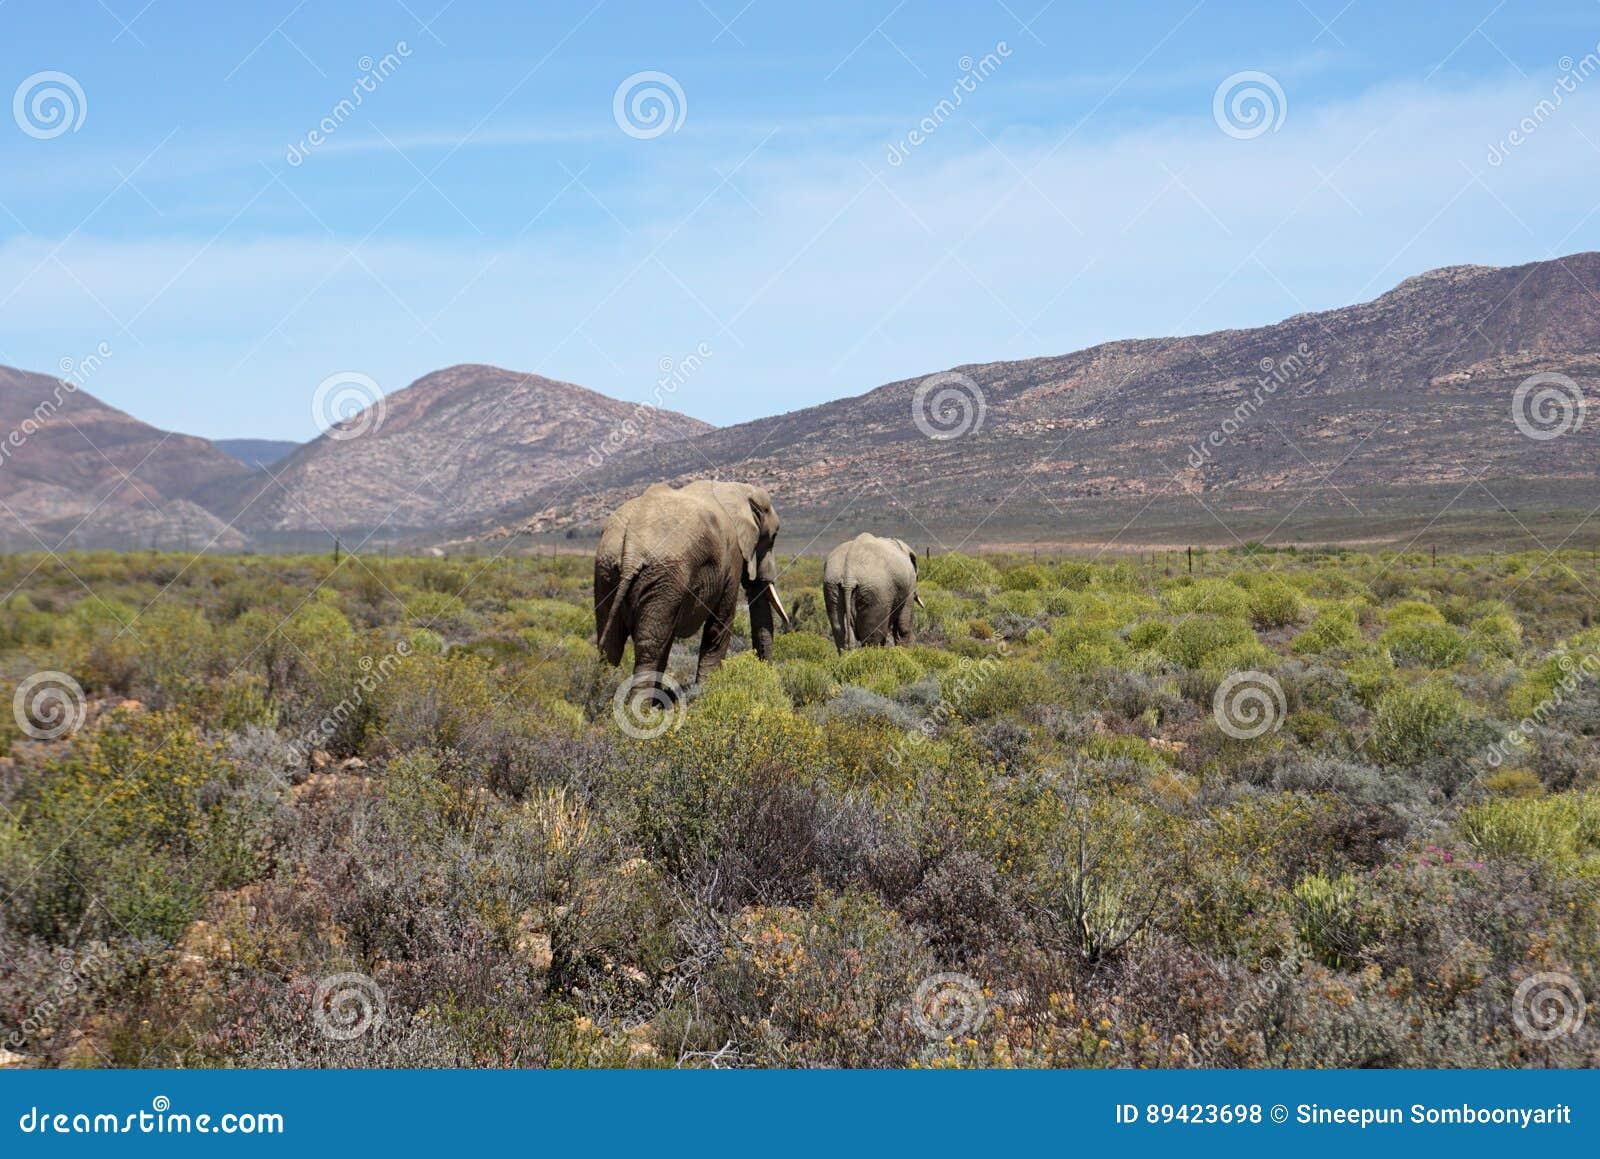 Elephats africanos que andam no fundo do prado e da montanha